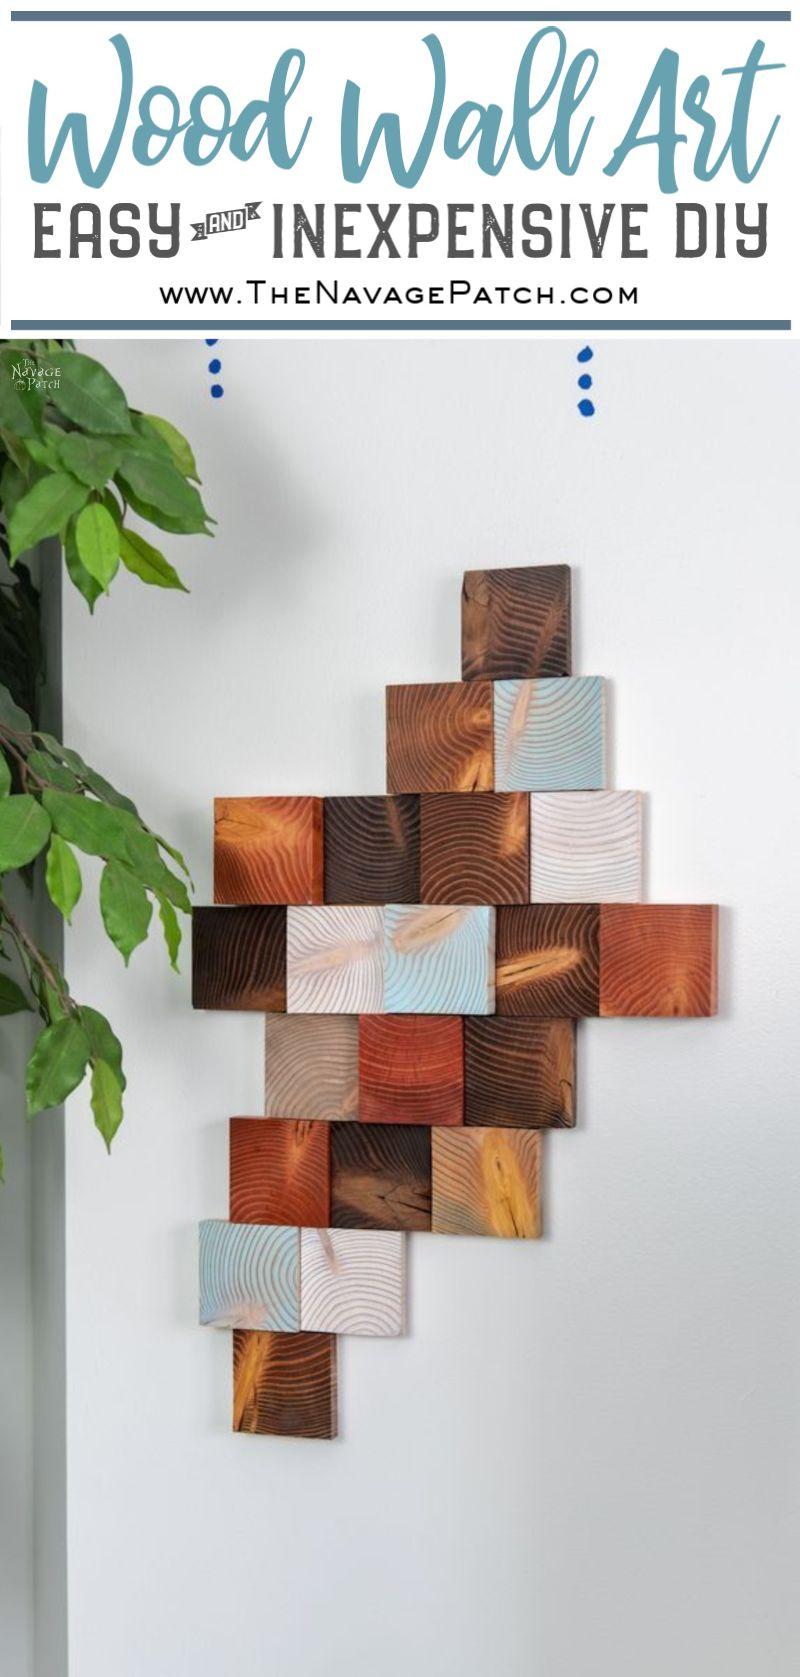 DIY wood wall art pin image